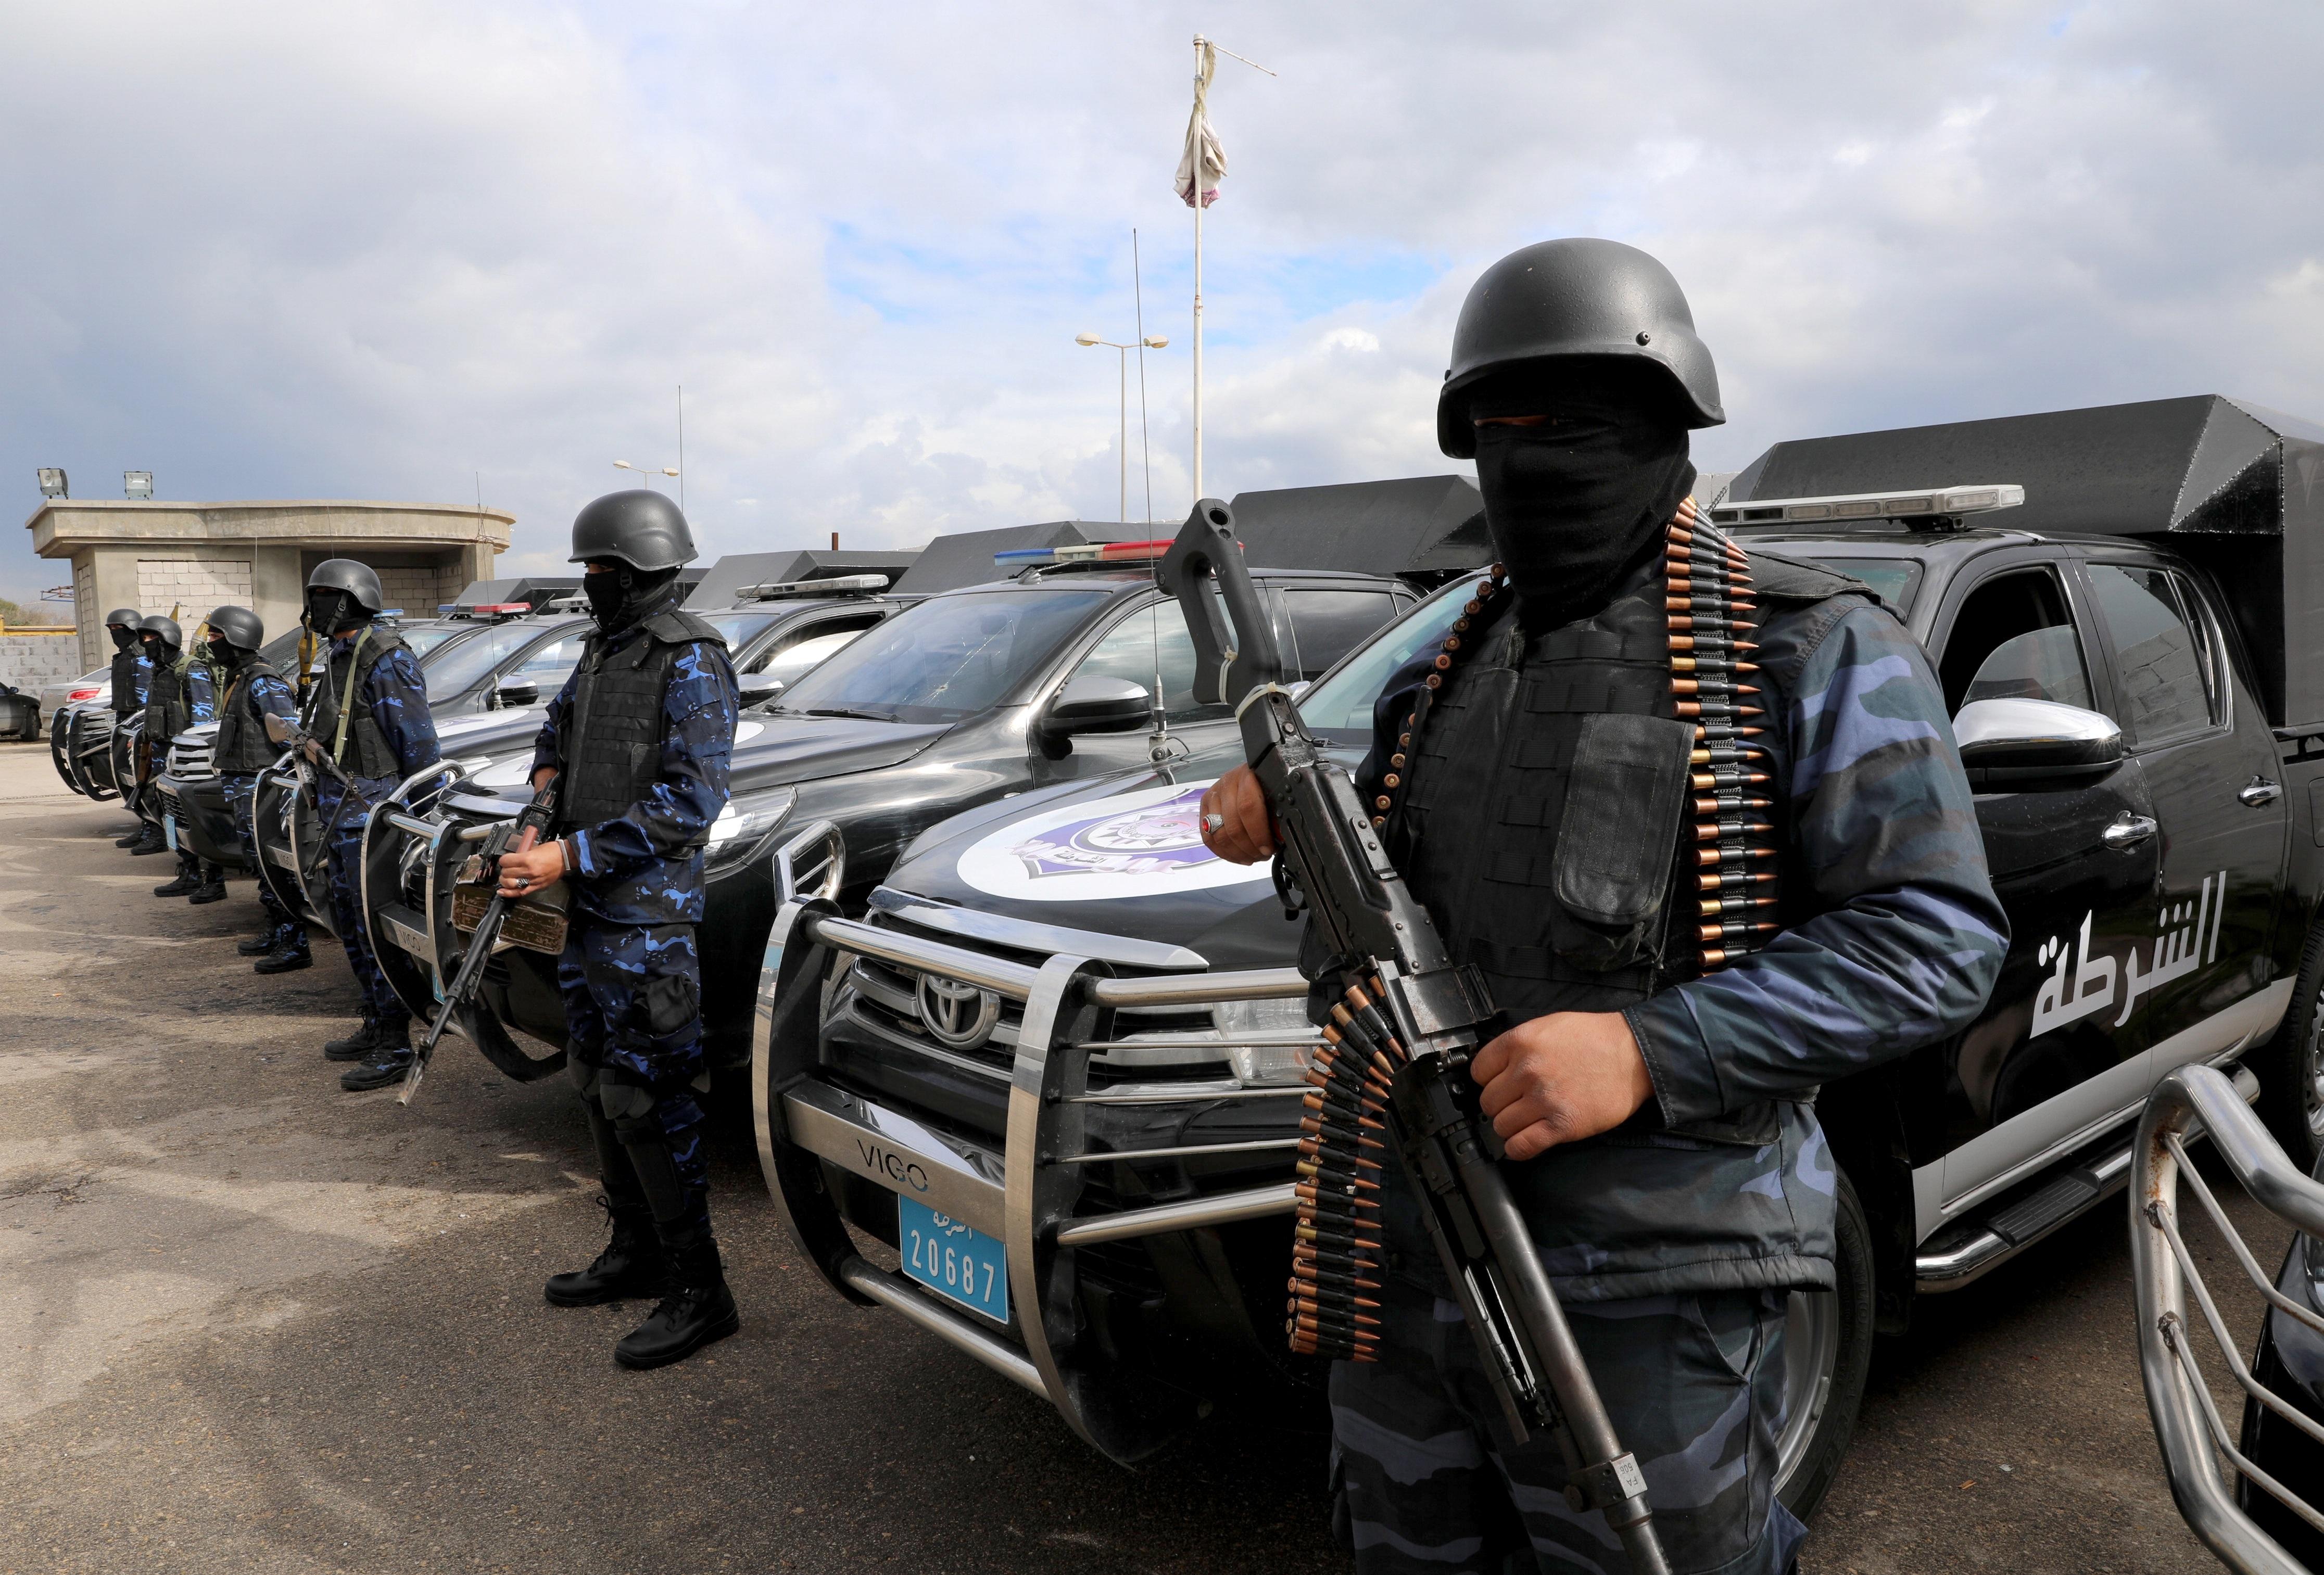 Τυνησία: Διαμαρτύρεται που δεν προσκλήθηκε, ούτε αυτή, στη διεθνή διάσκεψη για τη Λιβύη